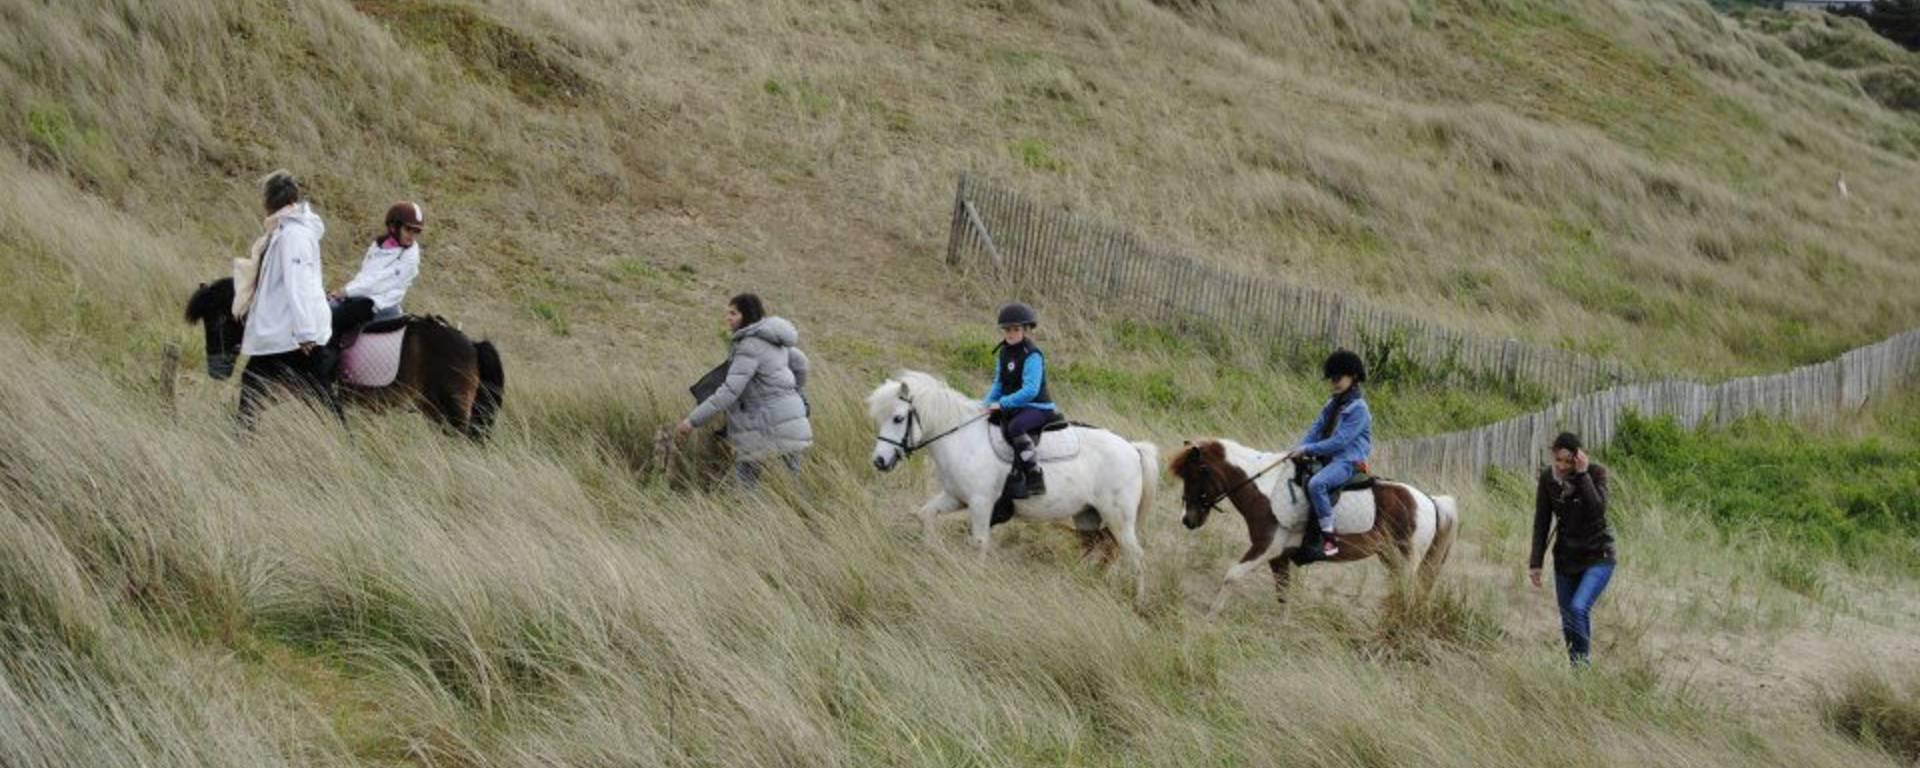 Se promener à dos de poney